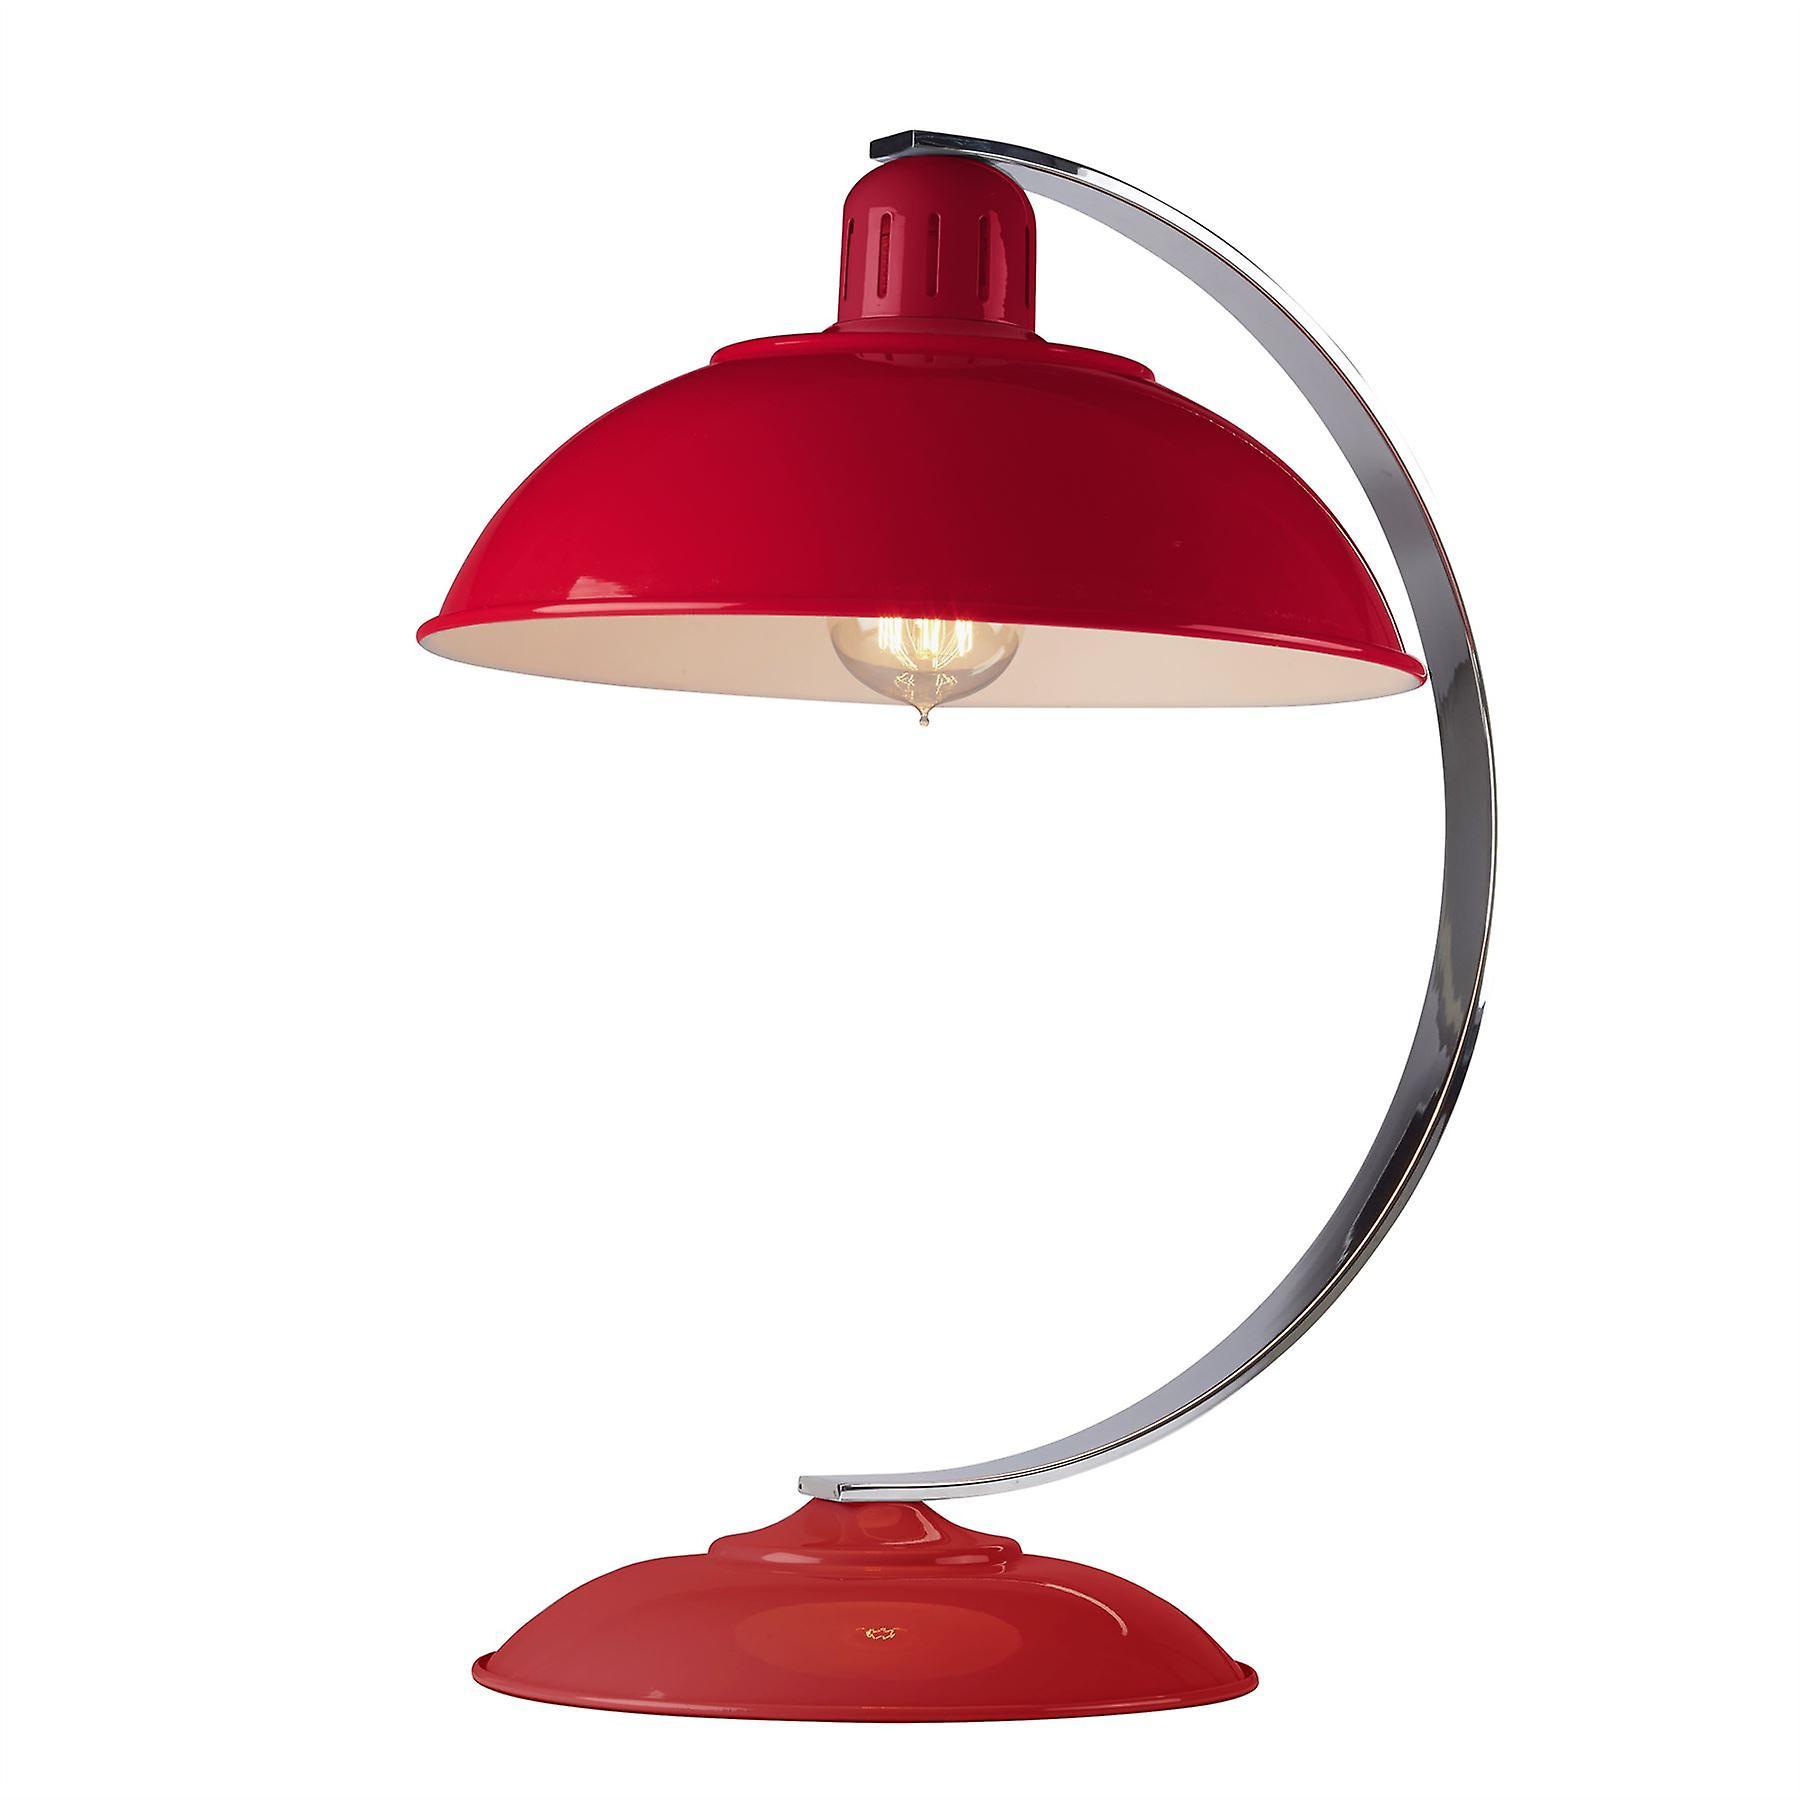 Elstead - 1 Light Desk Lamp Traffic rouge - FRANKLIN rouge